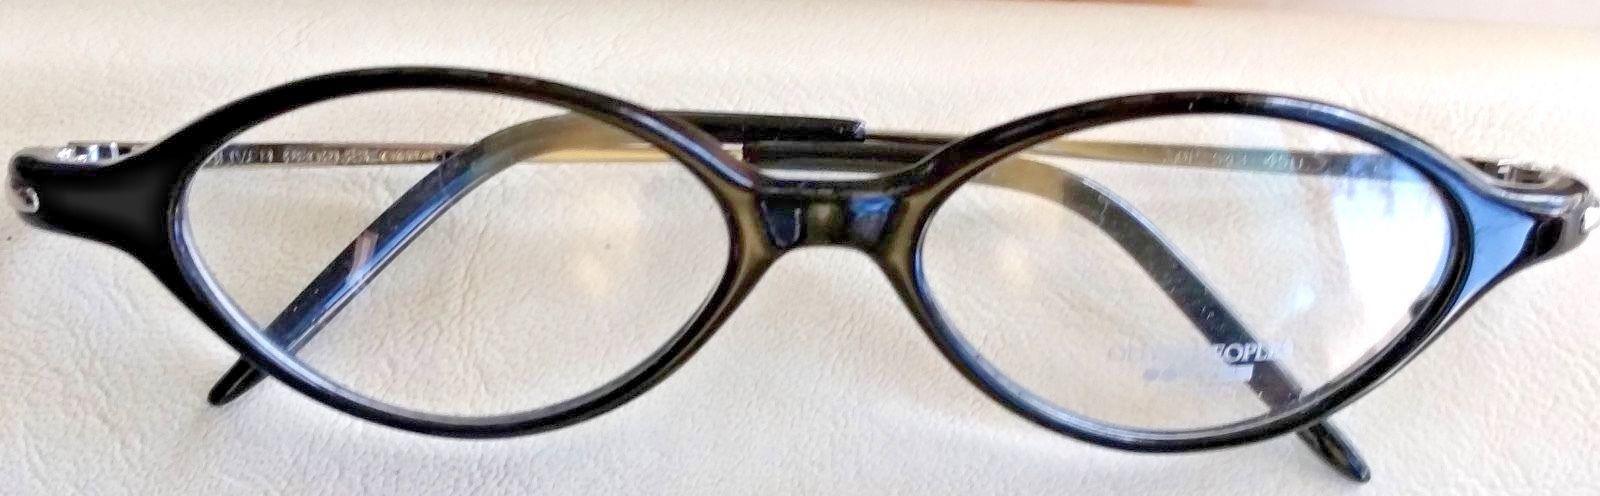 NOS OLIVER PEOPLES OP-543 Vintage Eyeglasses Frame Black 8K OP 543 Silver CASE - $58.91